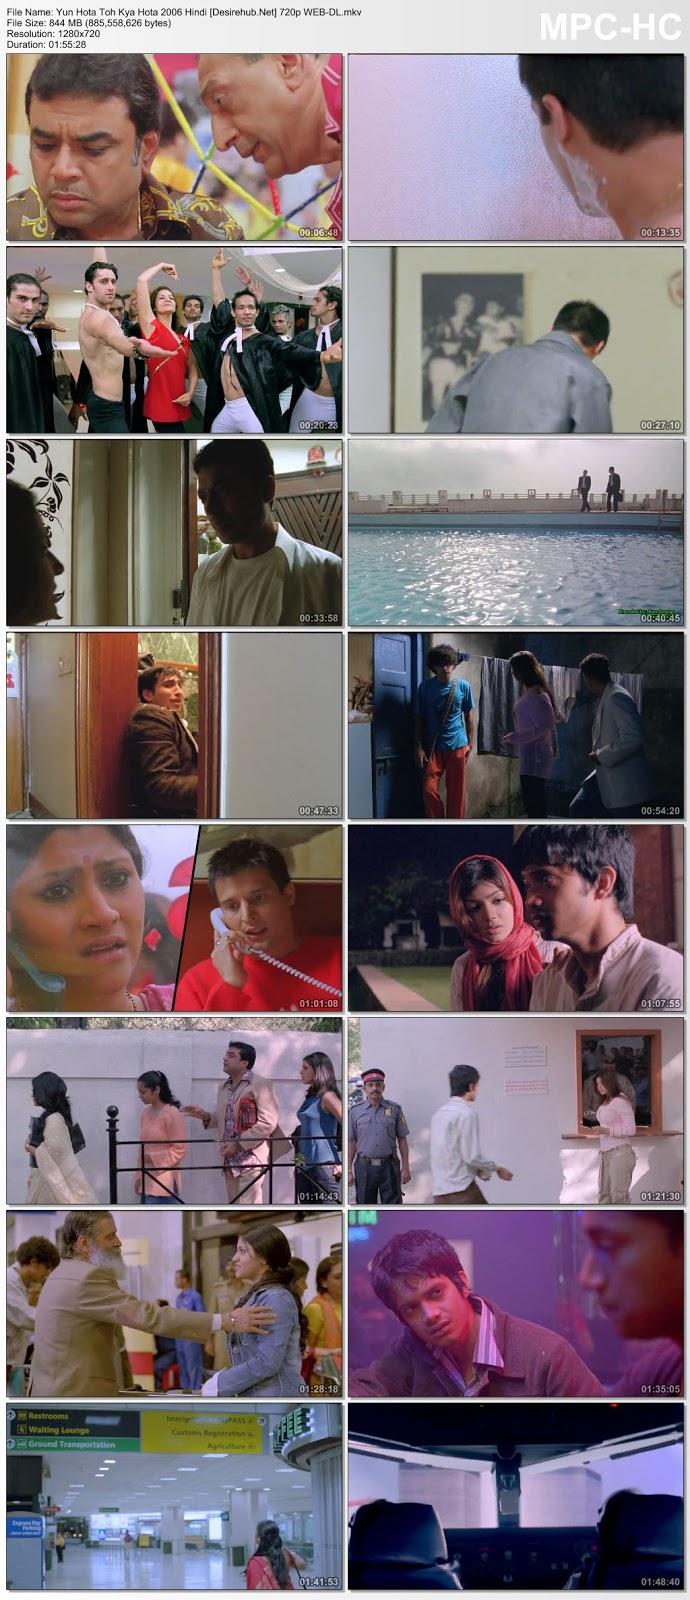 Yun Hota Toh Kya Hota 2006 Hindi 720p WEB-DL 800MB Desirehub